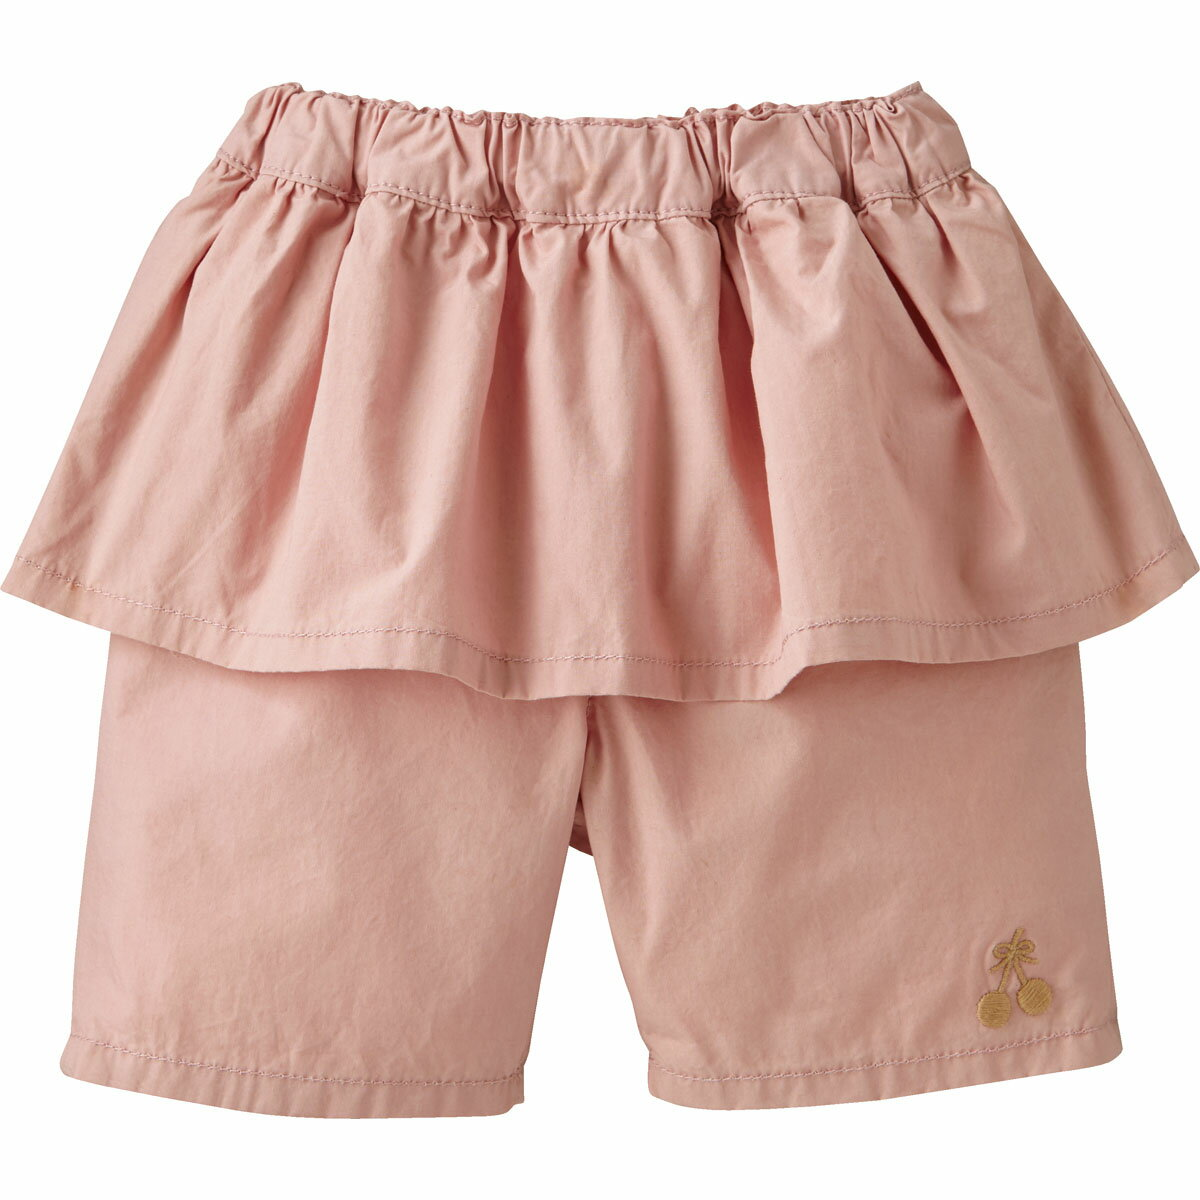 ぺプラムパンツ{女の子}《コンビミニ》ギフト ベビー服 子供服 Combi miniぺプラムパンツ